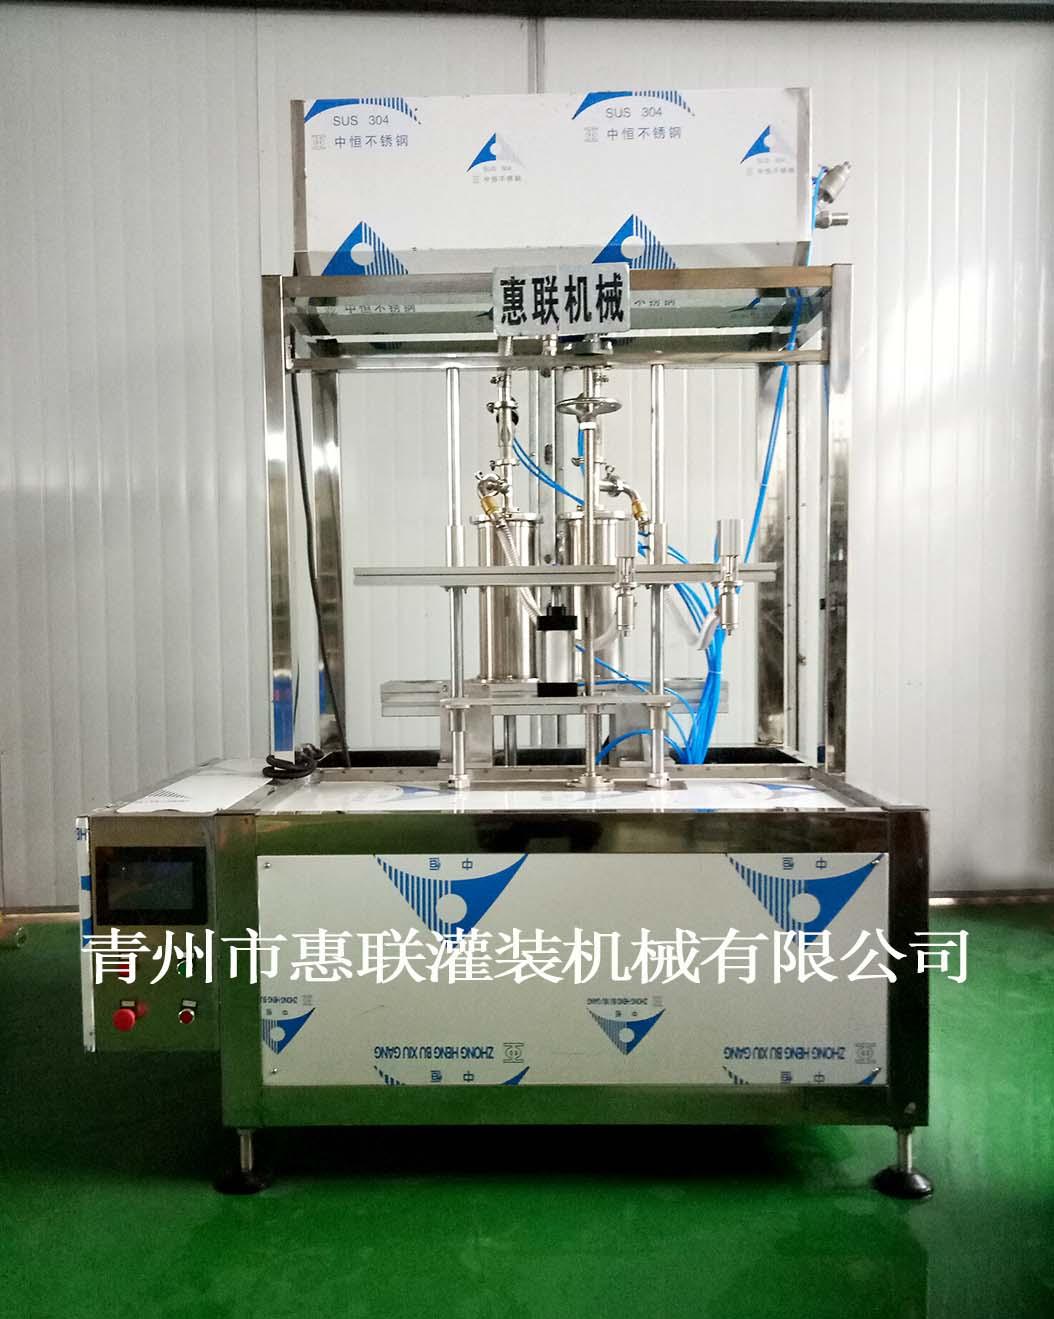 洗衣液灌装机 洗衣液设备 洗化用品灌装机械